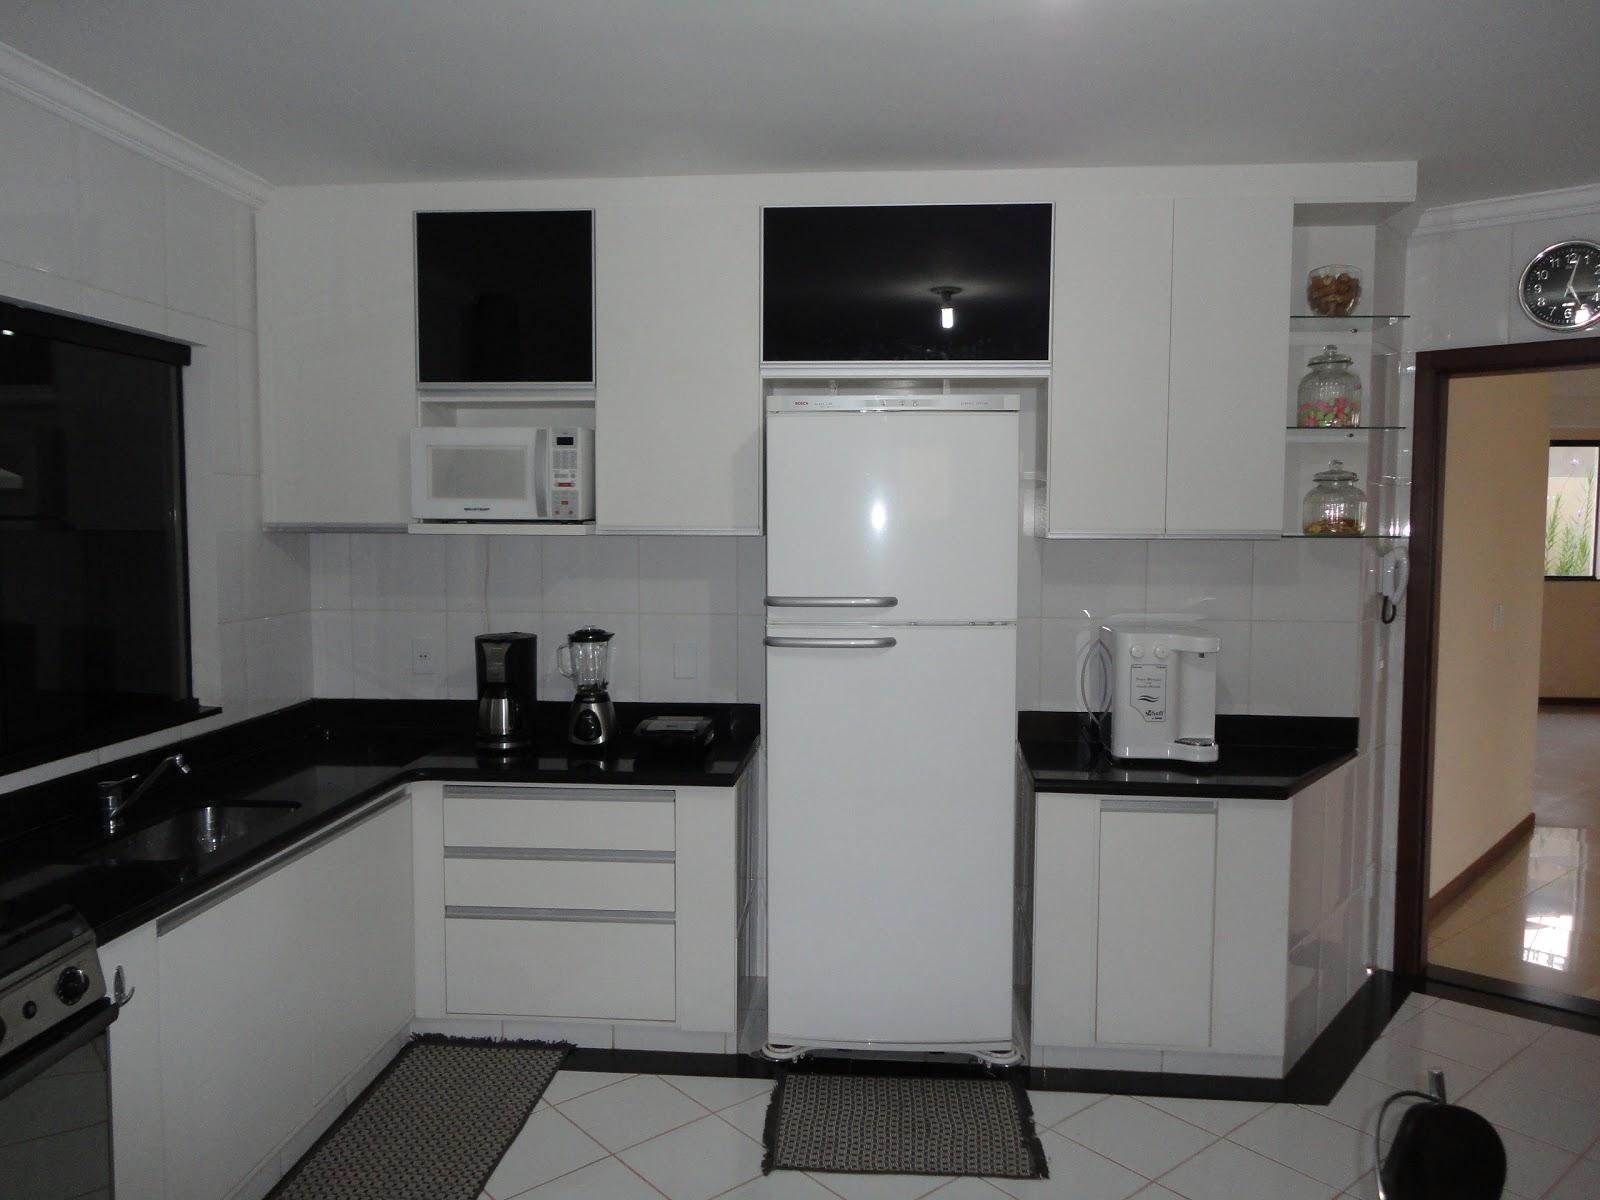 JNEGRI MÓVEIS: Tendências em cozinhas planejadas #6F5F4E 1600 1200